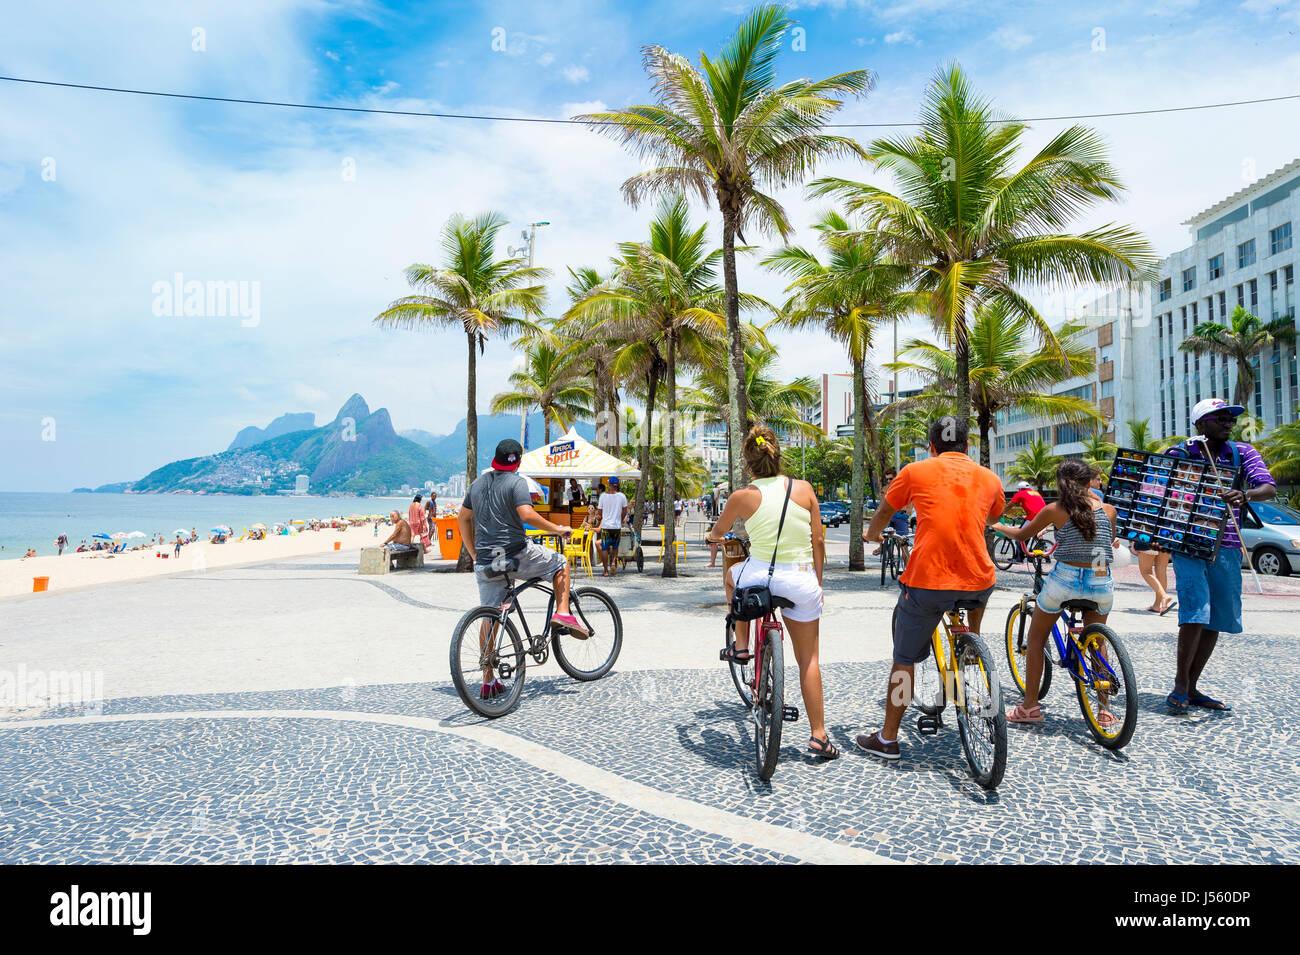 RIO DE JANEIRO - Febbraio 1, 2017: un gruppo di visitatori per la spiaggia di Ipanema interrompere le loro biciclette Immagini Stock